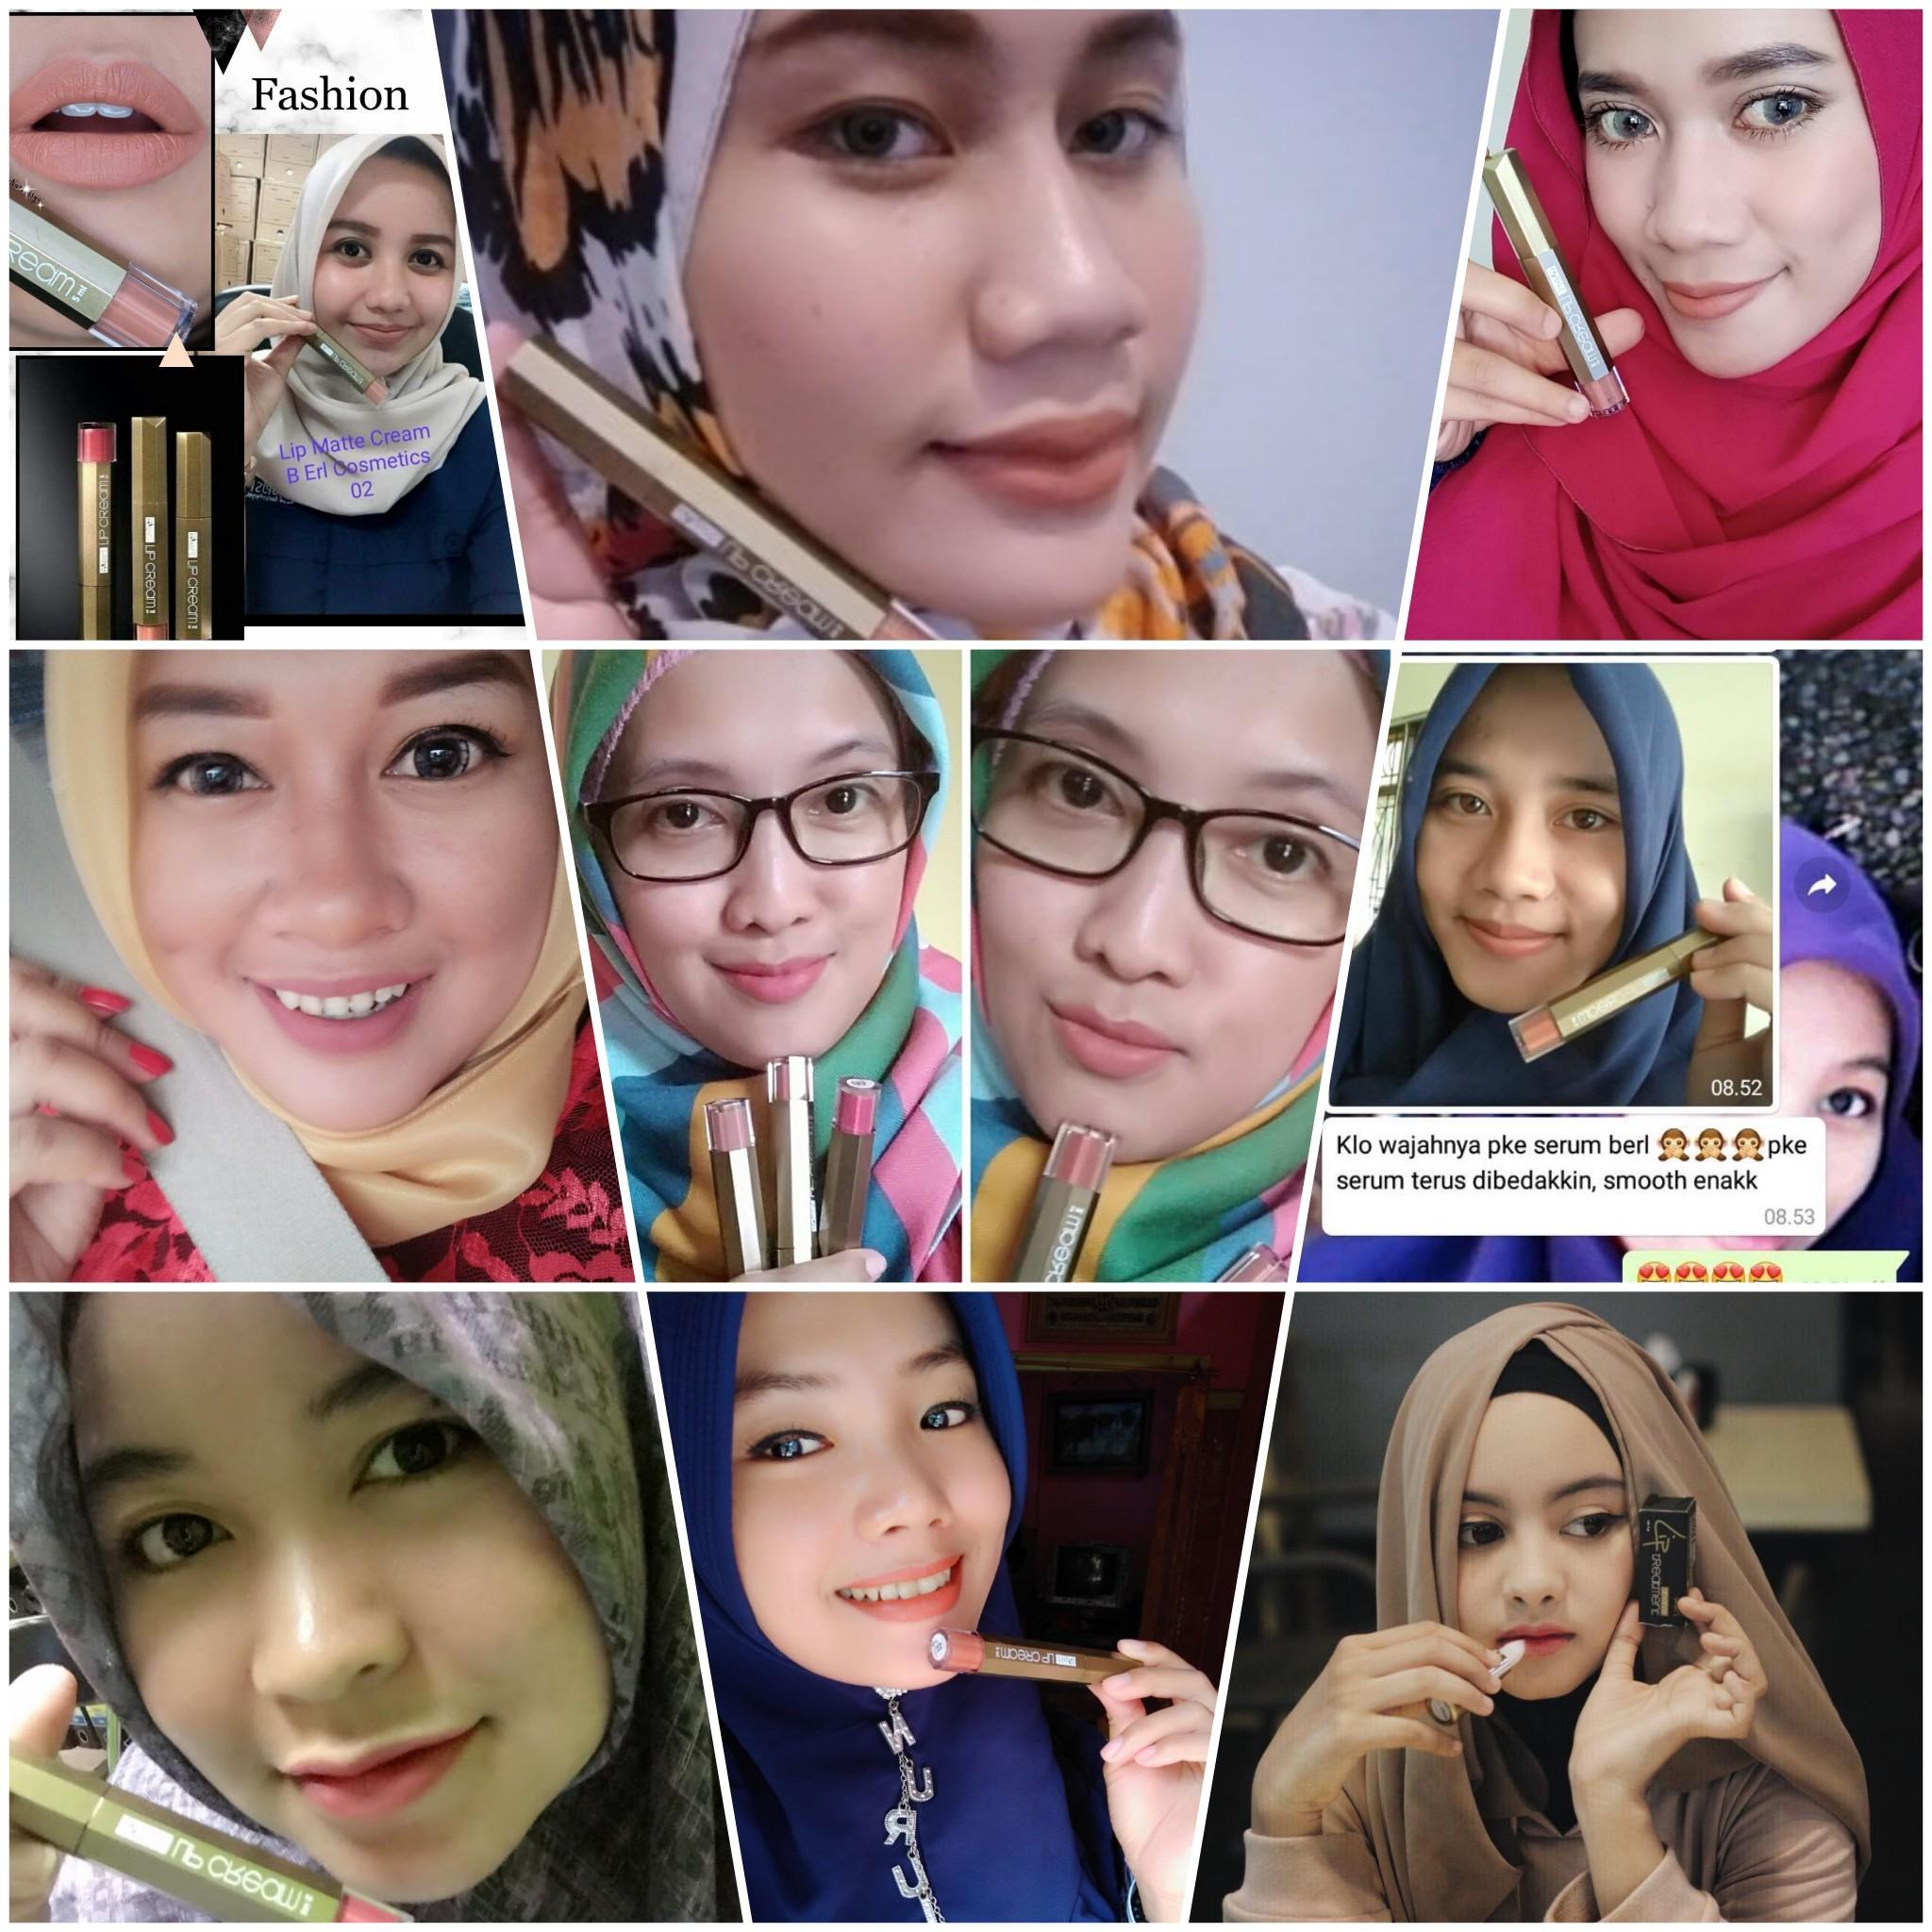 Lipstik Premium Murah B Erl Beauty Center Matte Lip Cream Produk Ini Sudah Tersebar Di Seluruh Indonesia Bahkan Negara Tetangga Dan Mereka Puas Sekali Dengan Hasilnya Mengakui Bahwa Lebih